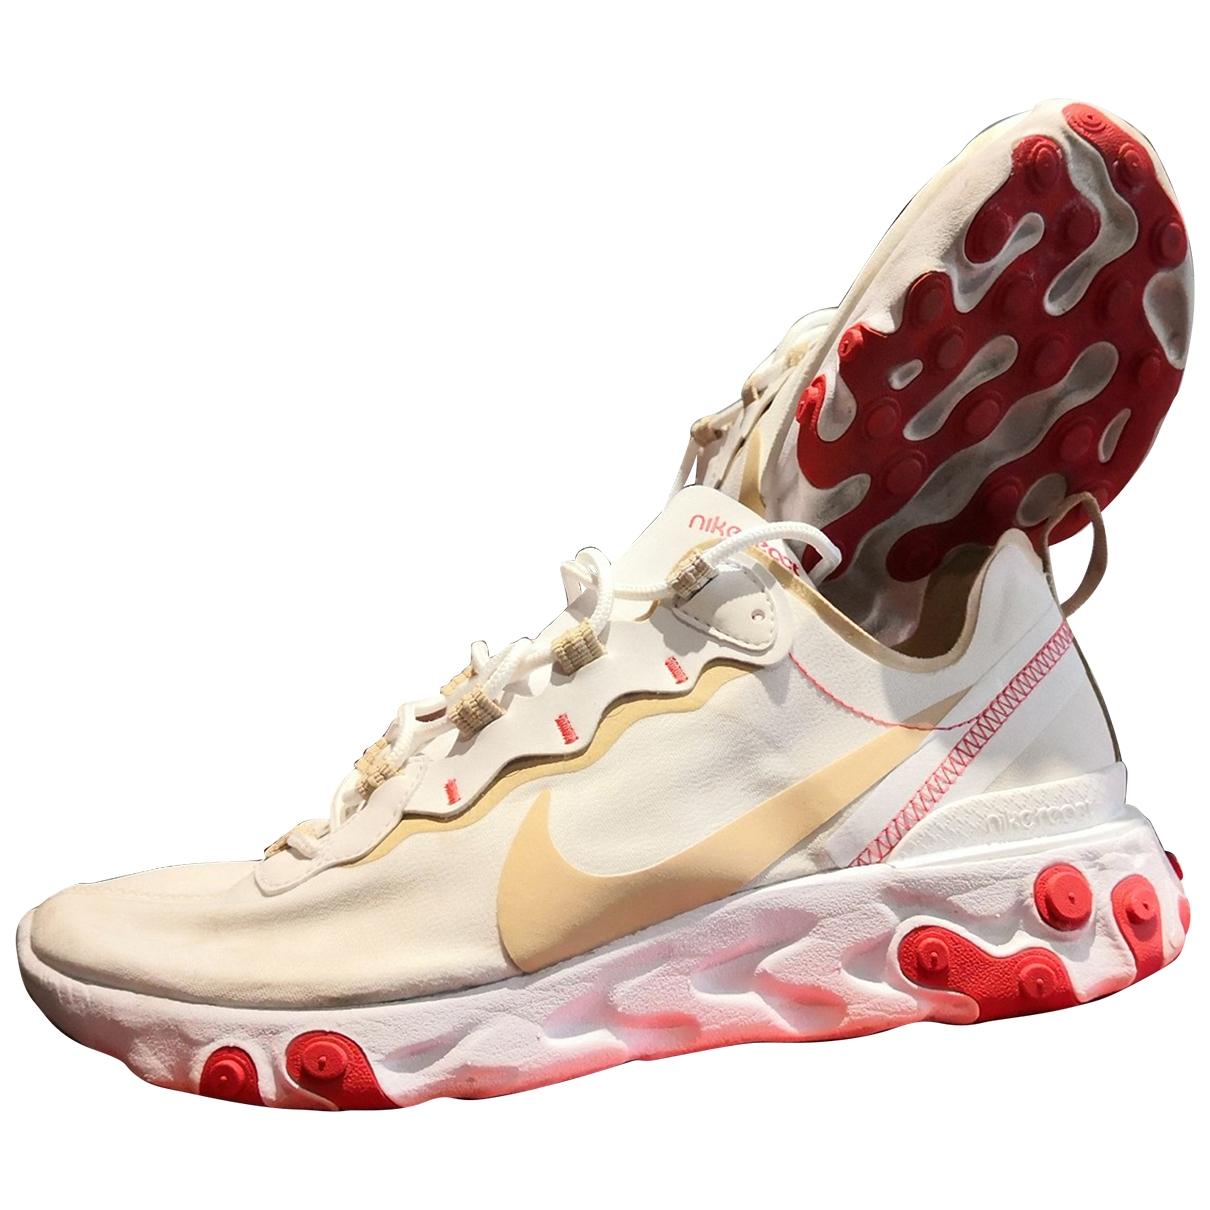 Nike - Baskets React element 55 pour homme en toile - beige